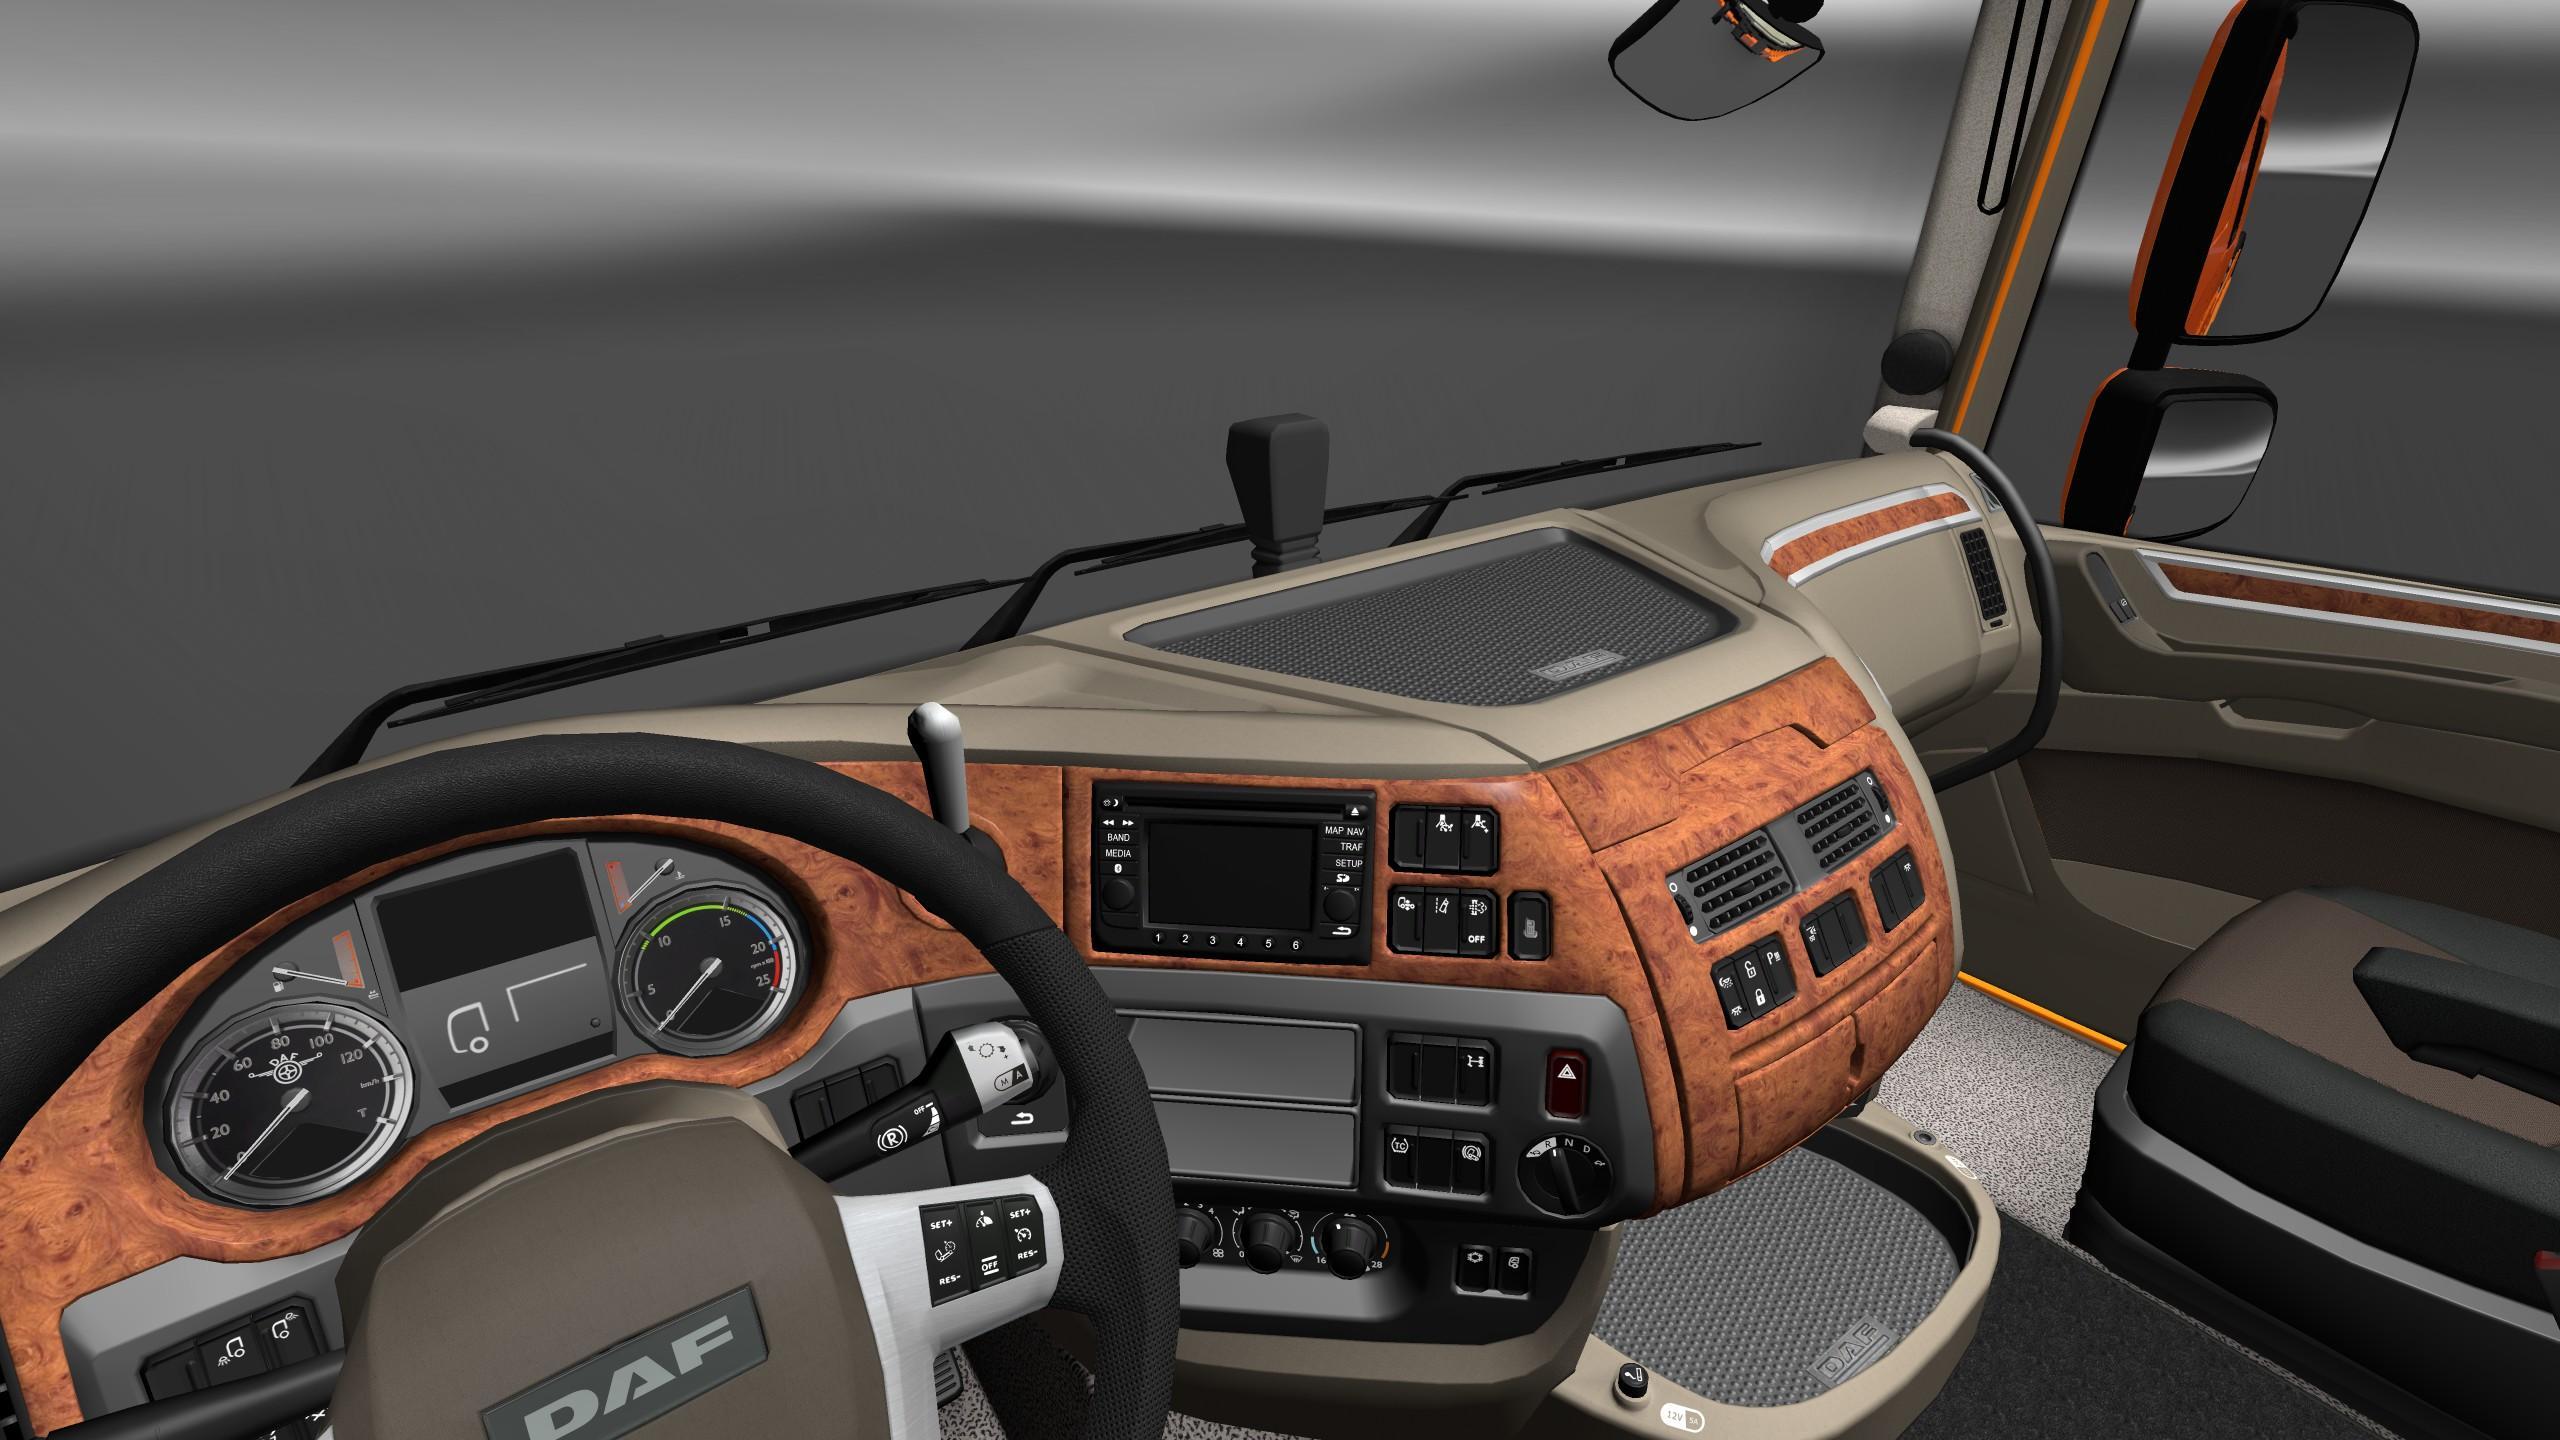 Daf xf 106 interior exterior rework for Exterior interior